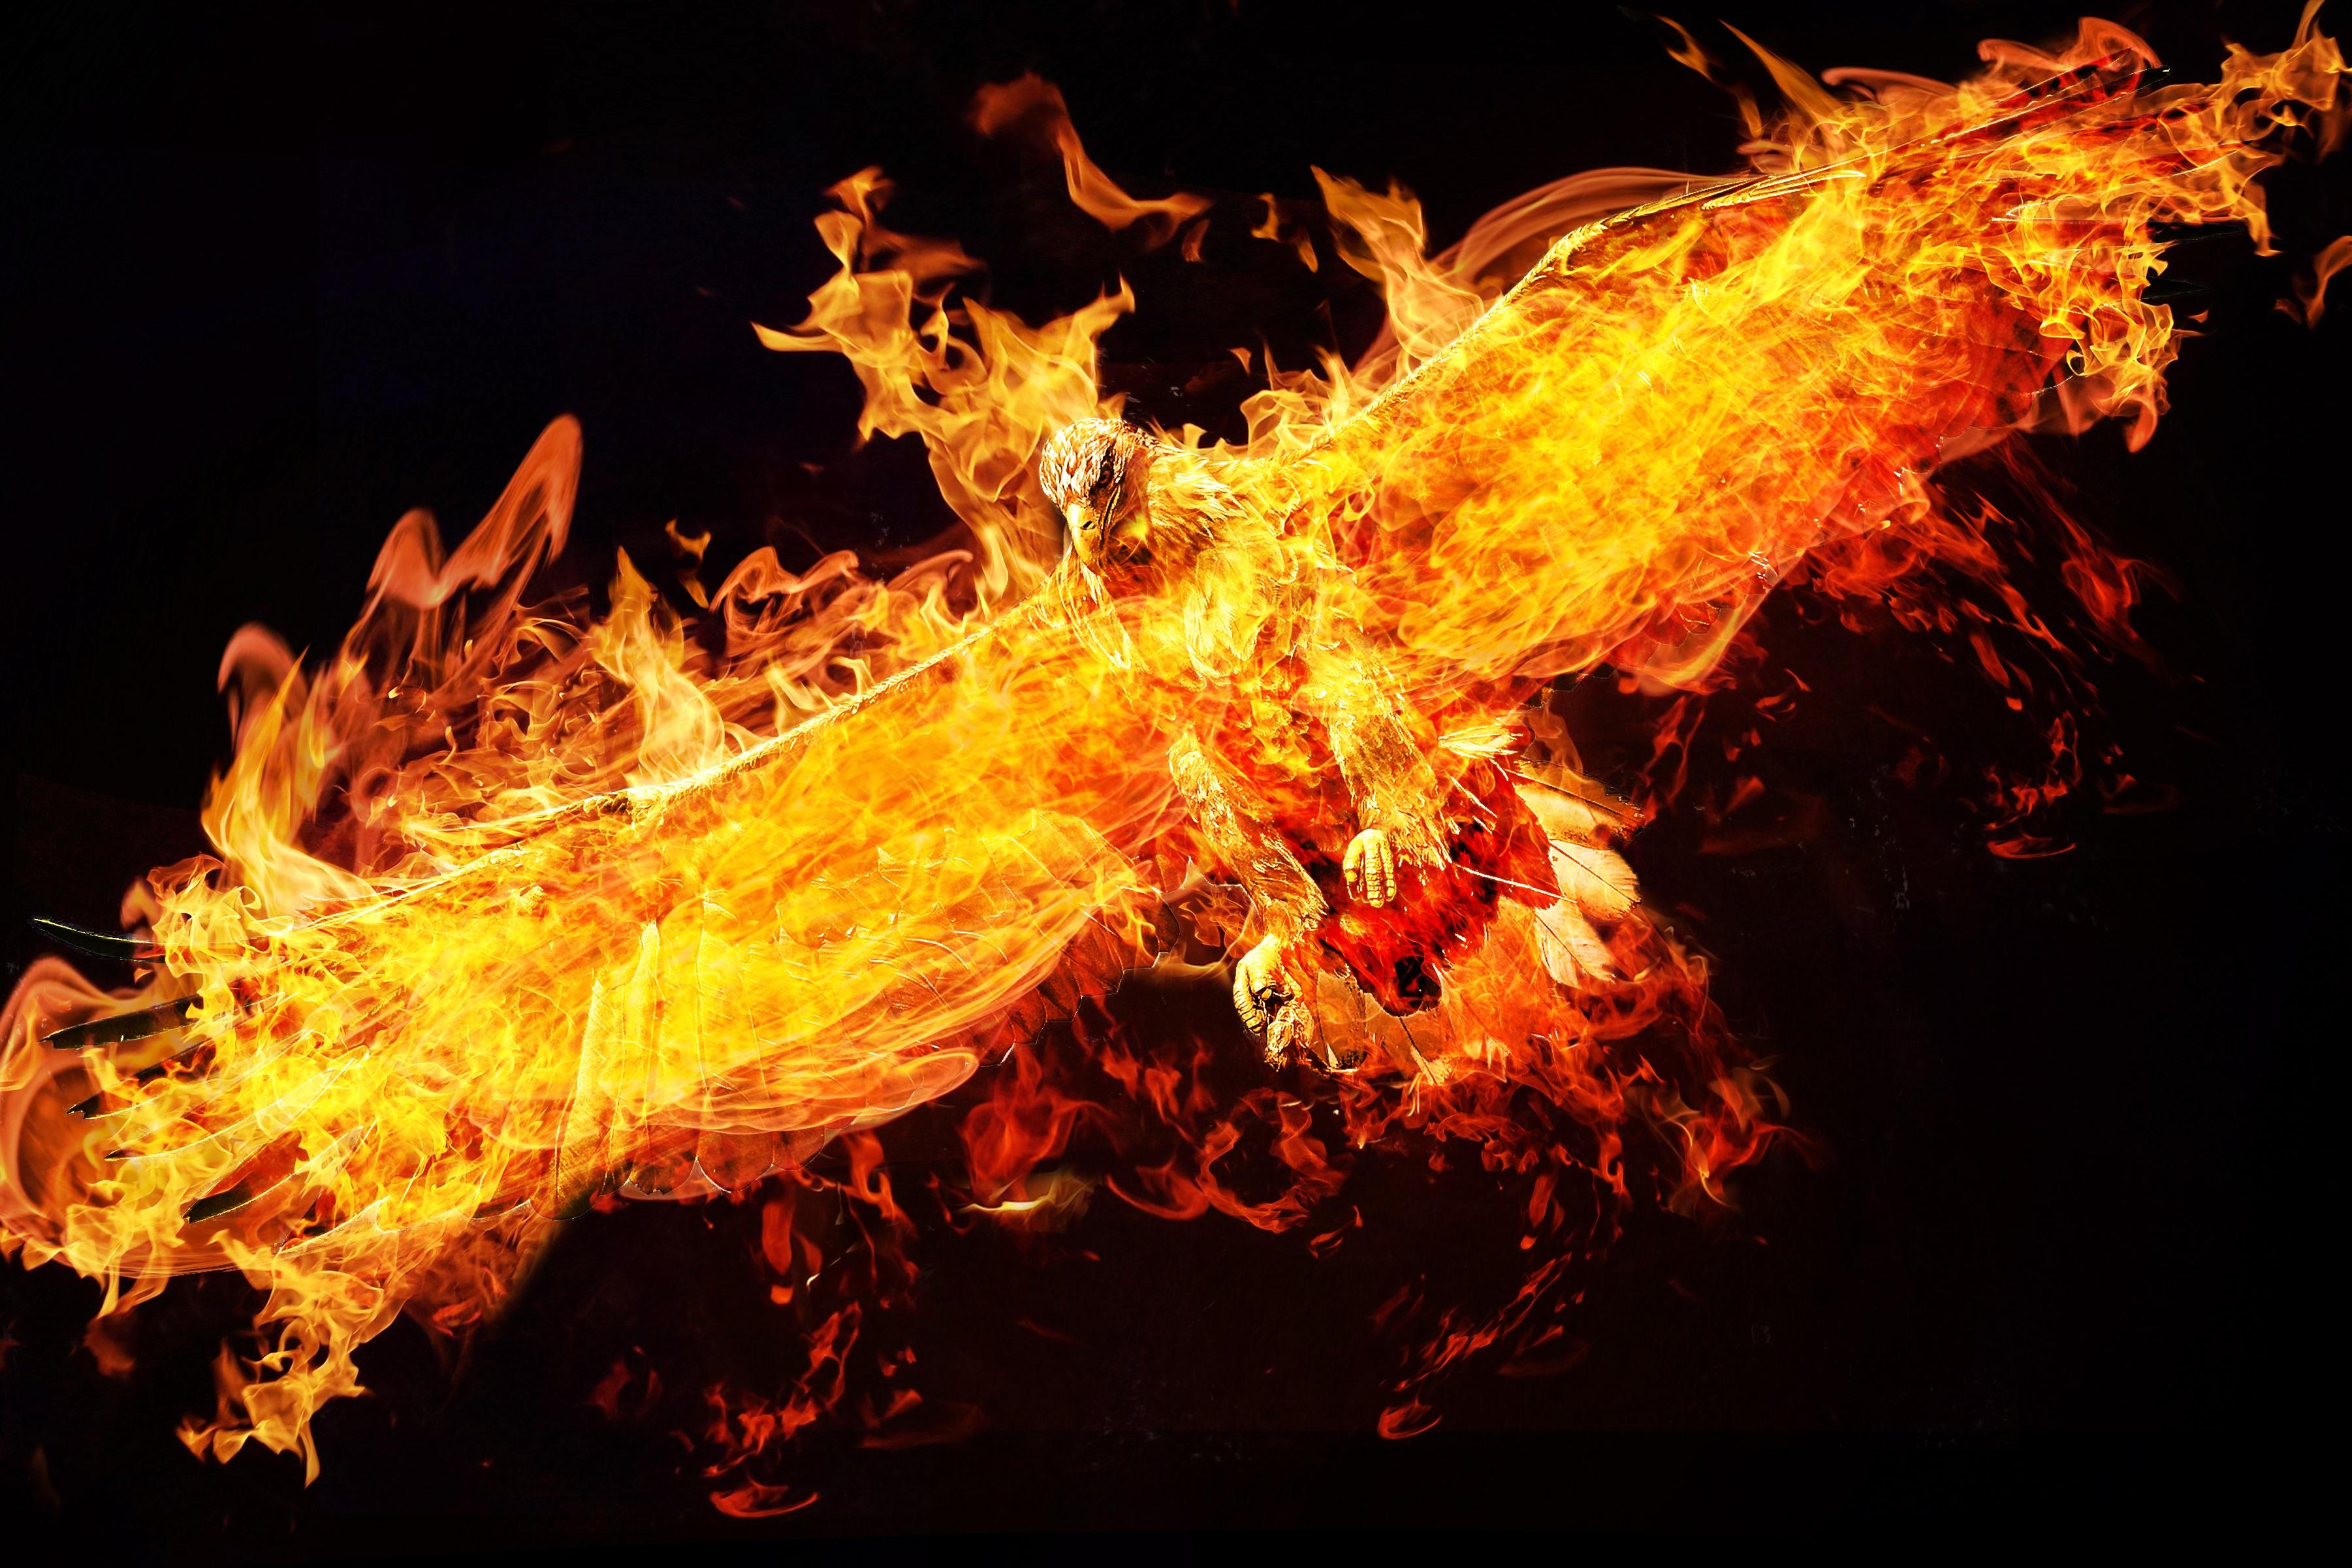 Hình ảnh nền lửa